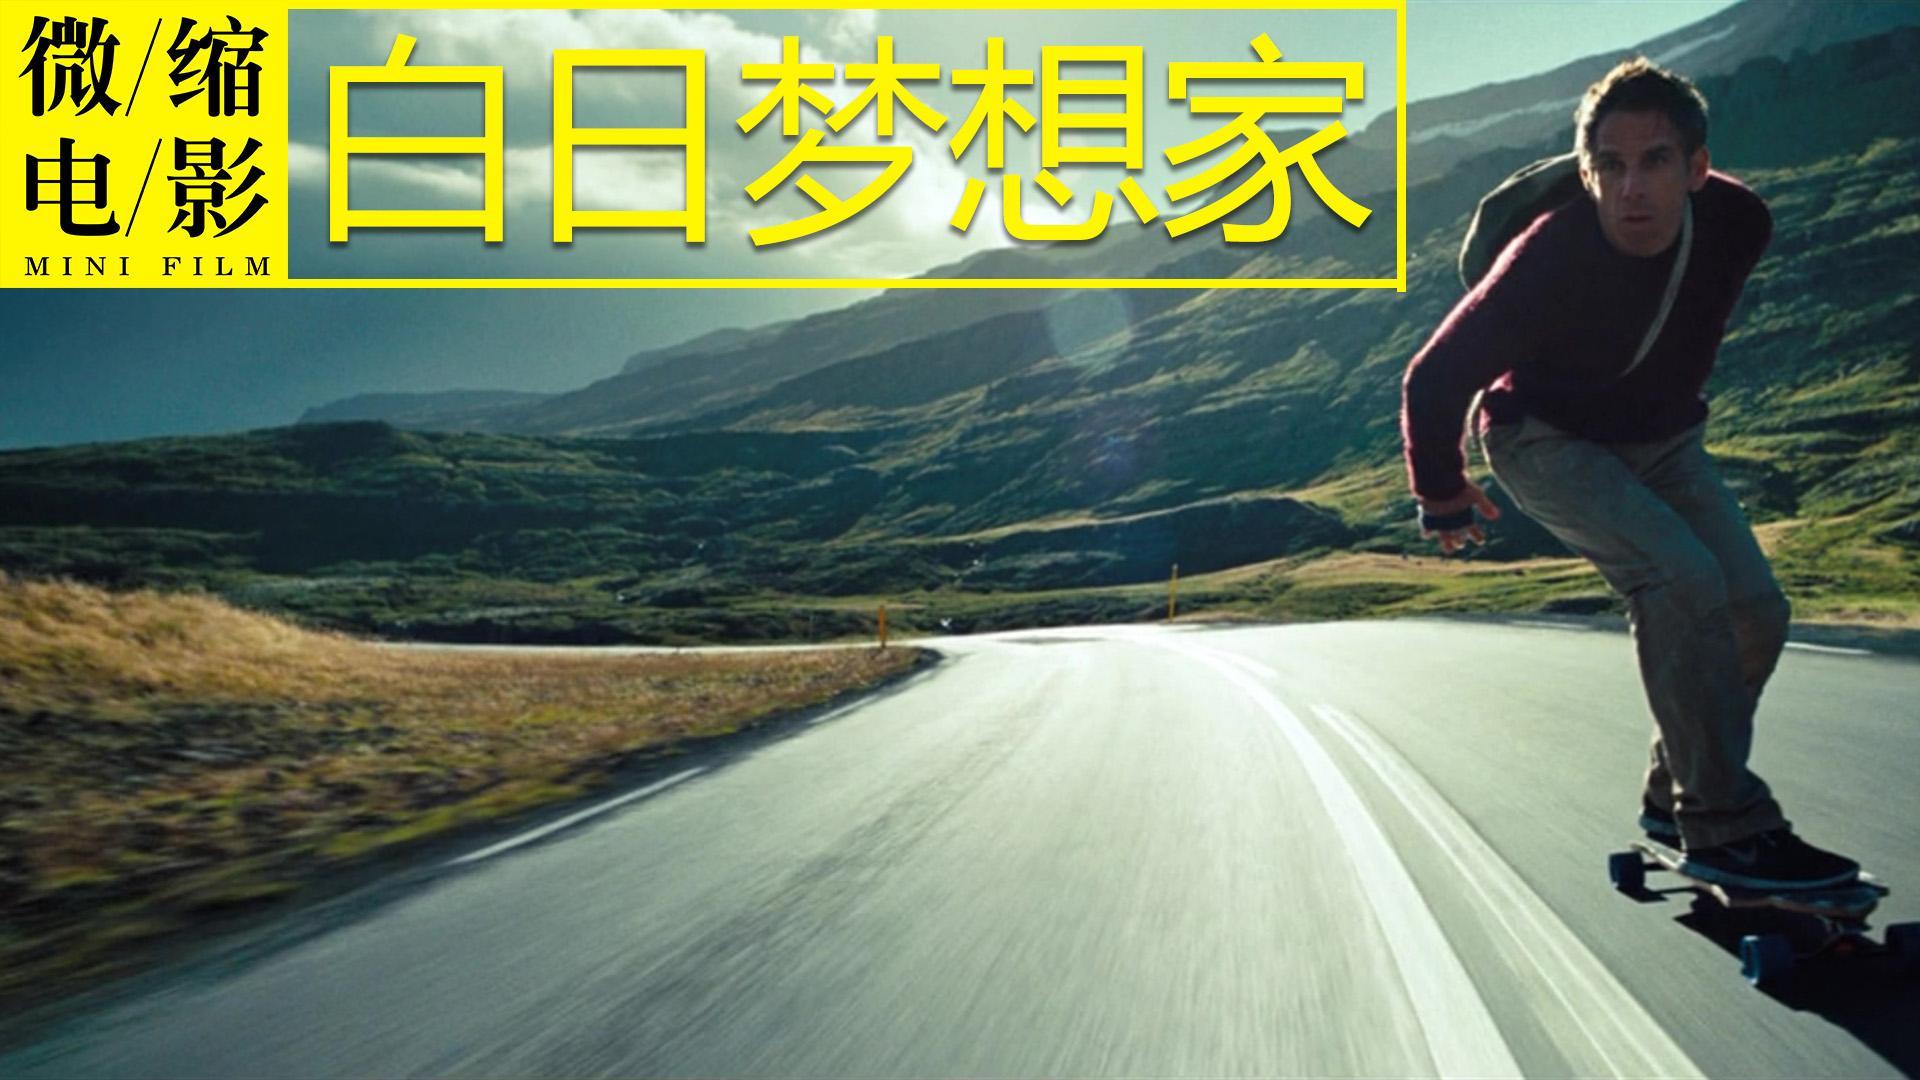 壁纸 道路 高速 高速公路 公路 桌面 1920_1080